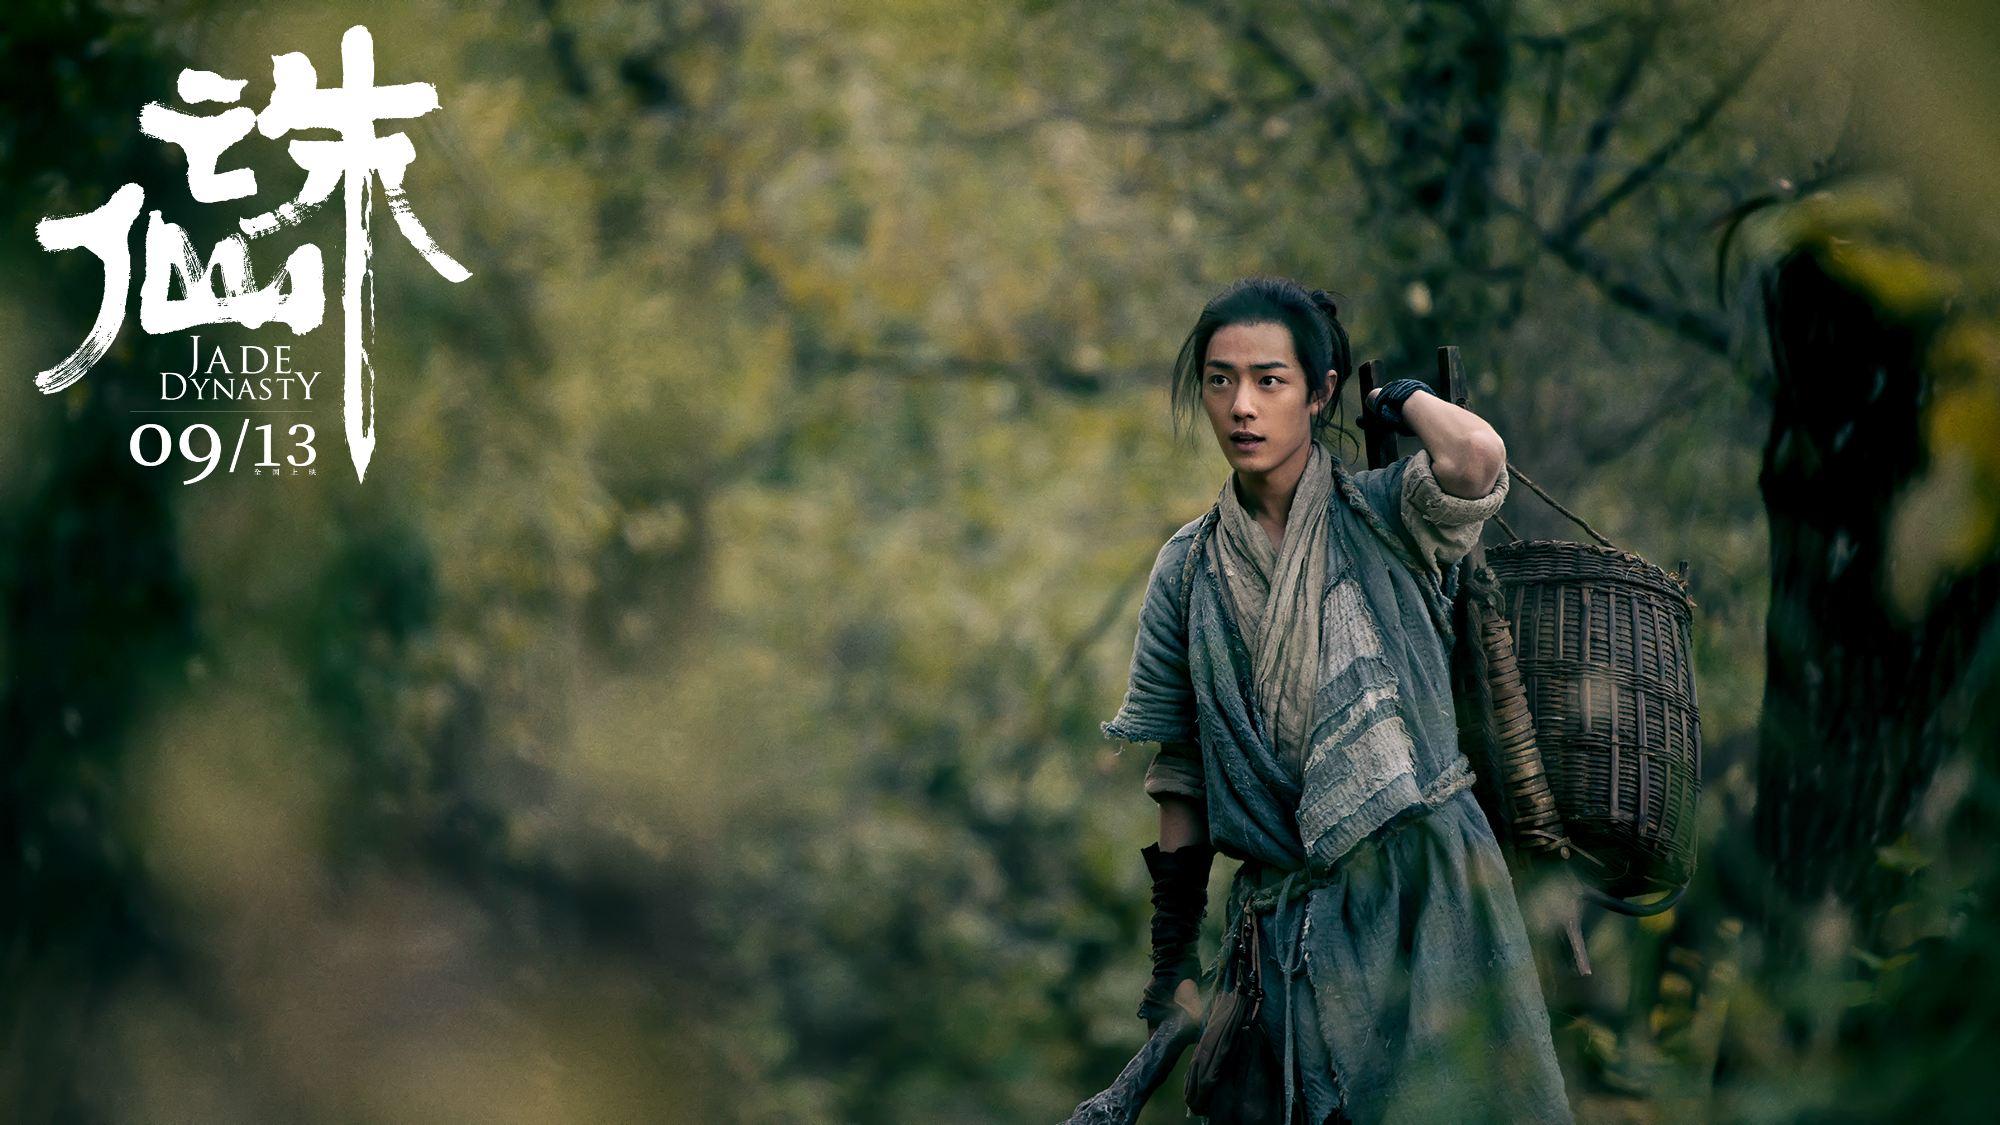 《诛仙》口碑烂出天际是流量原罪?导演编剧比肖战孟美岐更该道歉